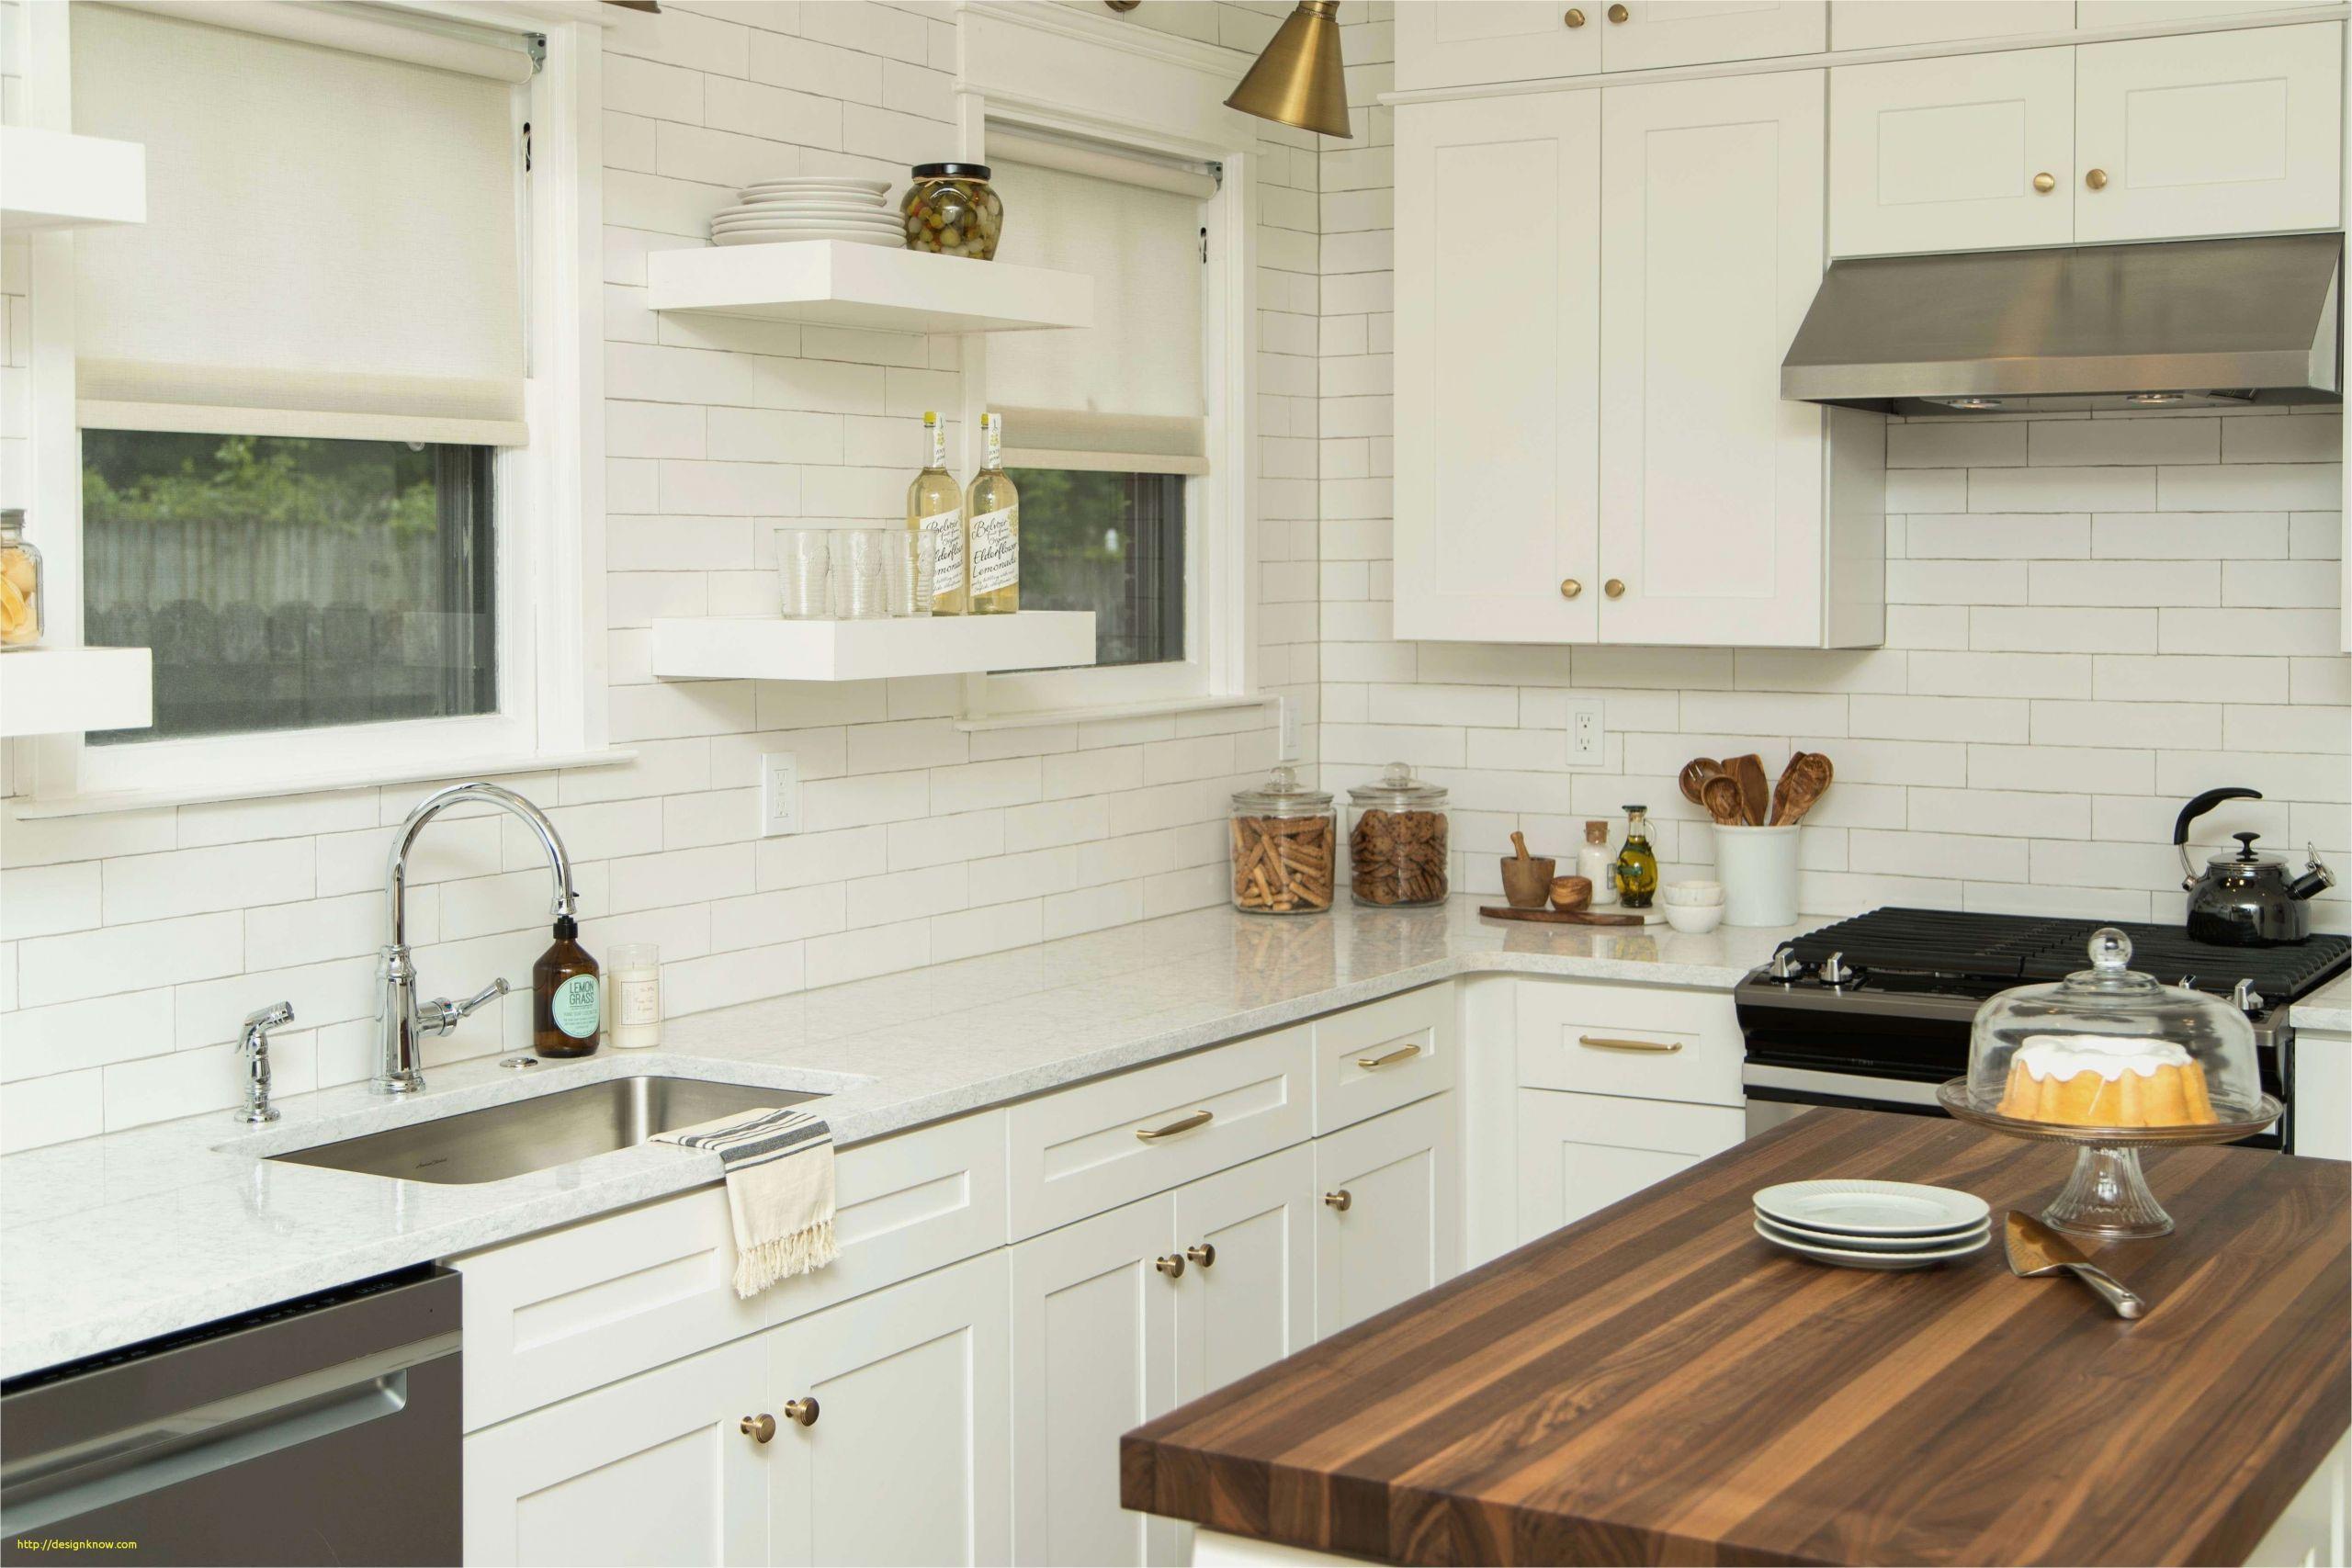 Diy Kitchen Cabinet Plans In 2020 Outdoor Kitchen Cabinets Modern Kitchen Design Cheap Kitchen Cabinets